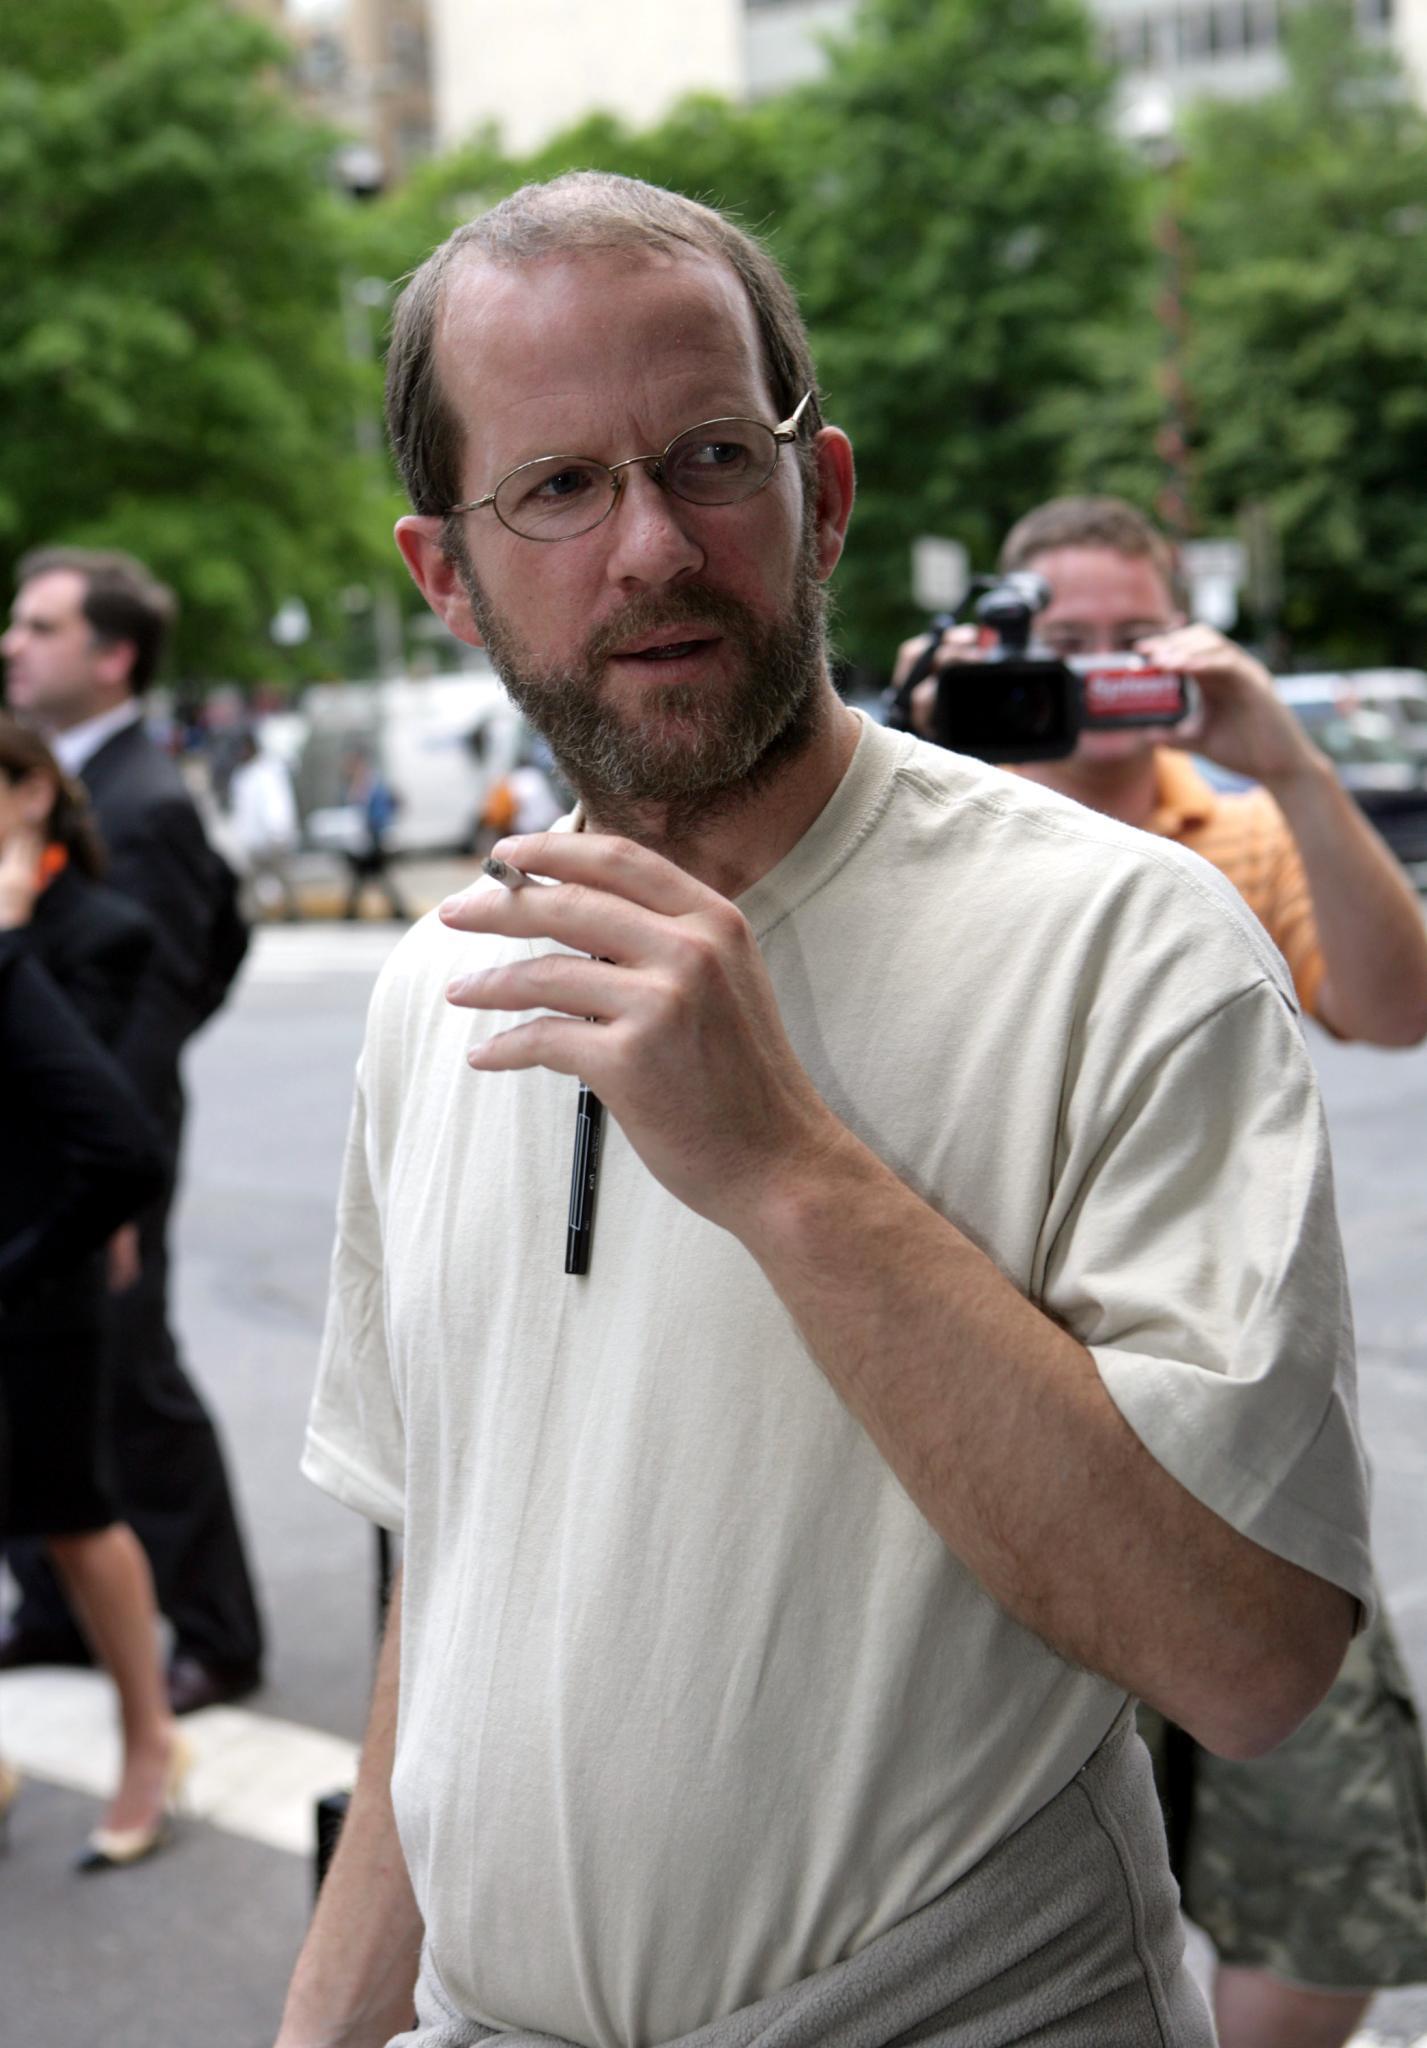 Unbelehrbar: Jack Jordan konnte trotz einer Bewährungsstrafe nicht von Uma Thurman lassen.